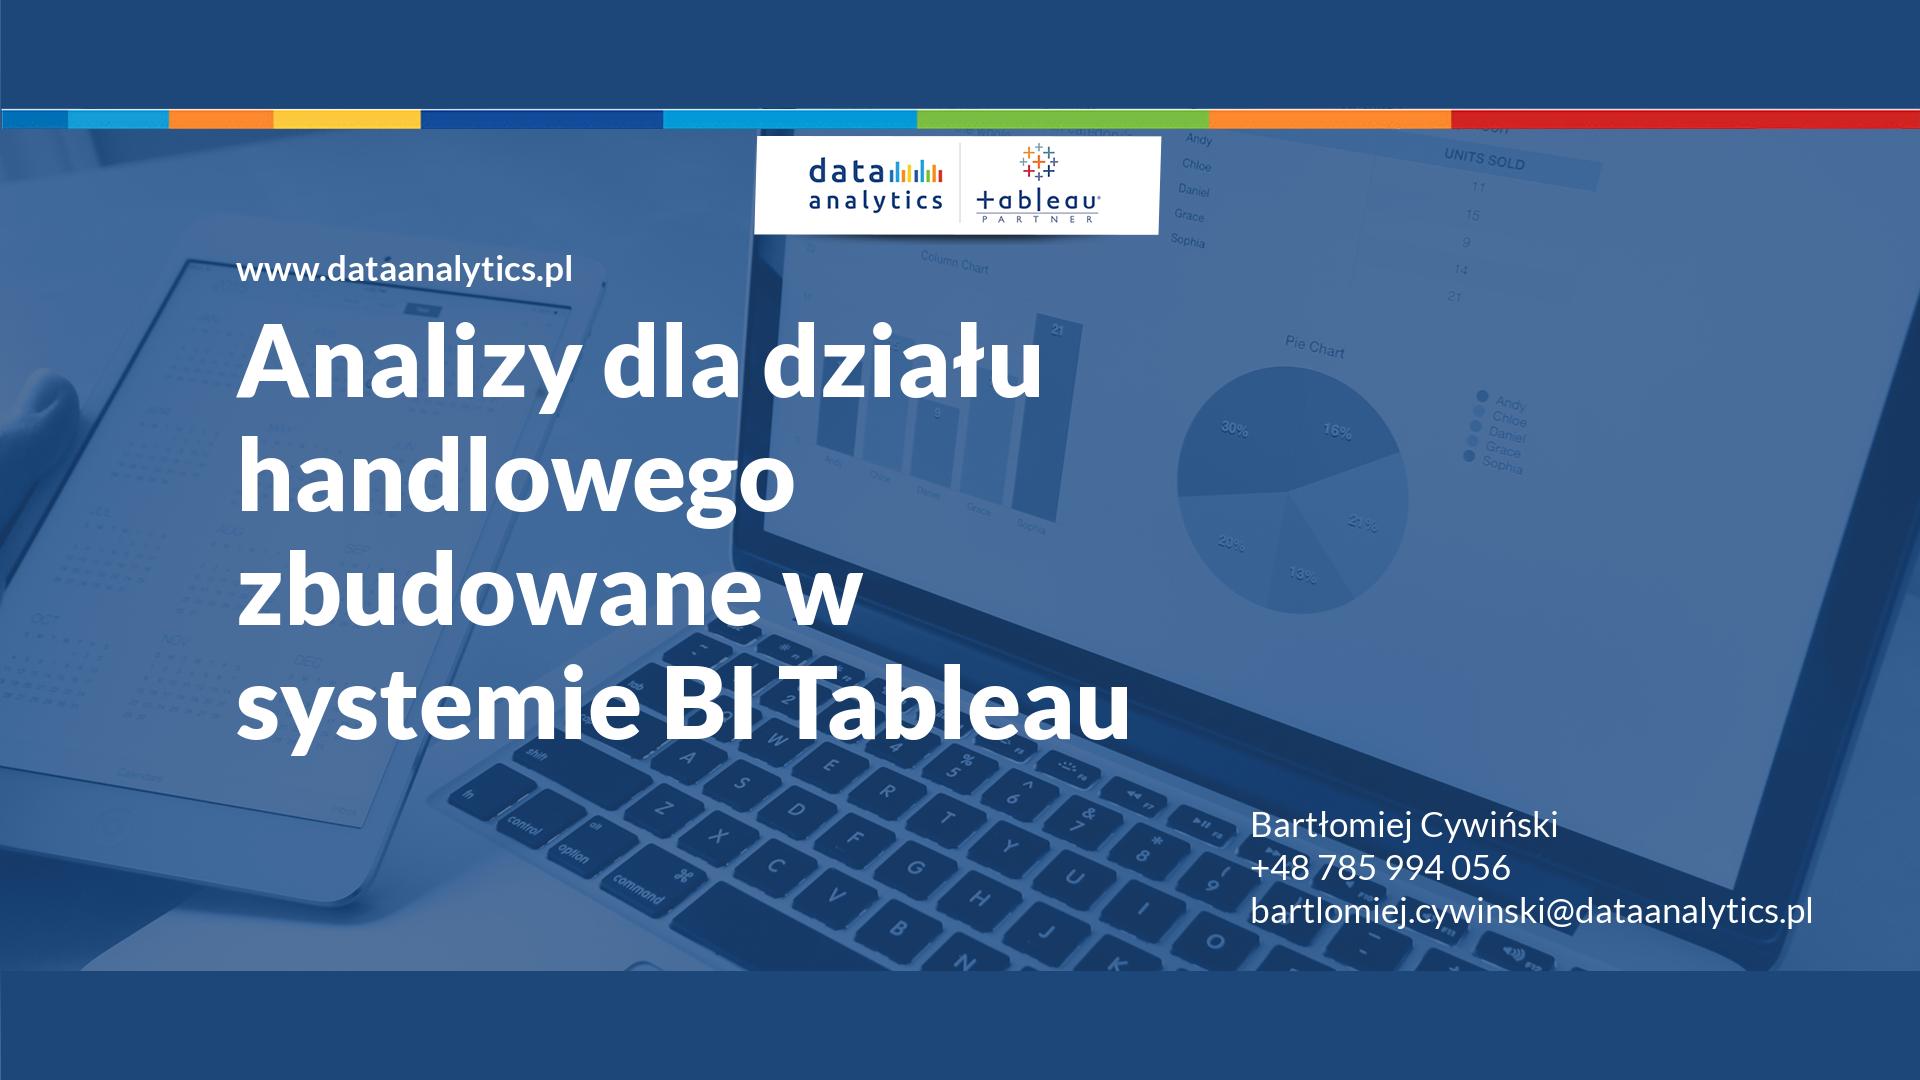 Analizy dla działu handlowego zbudowane w systemie BI Tableau